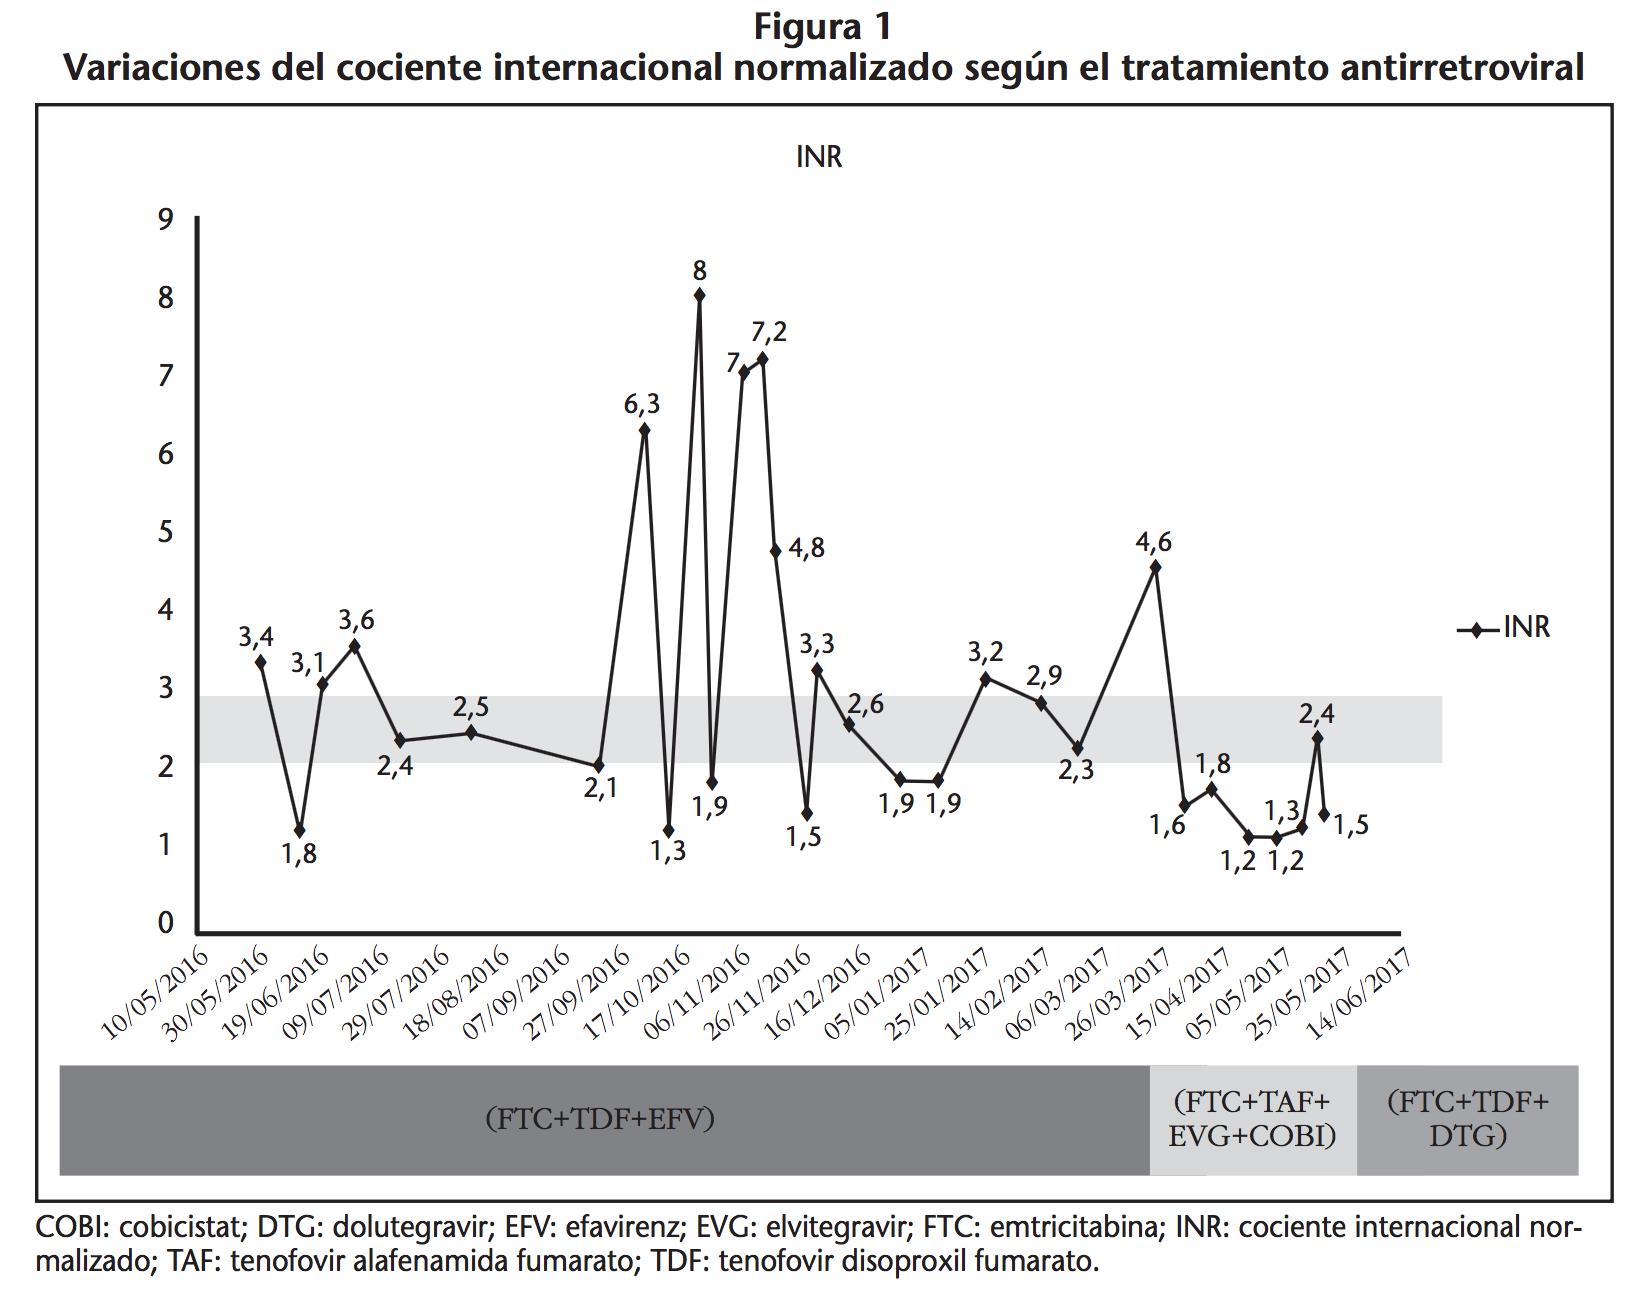 Interacción entre elvitegravir potenciado con cobicistat y